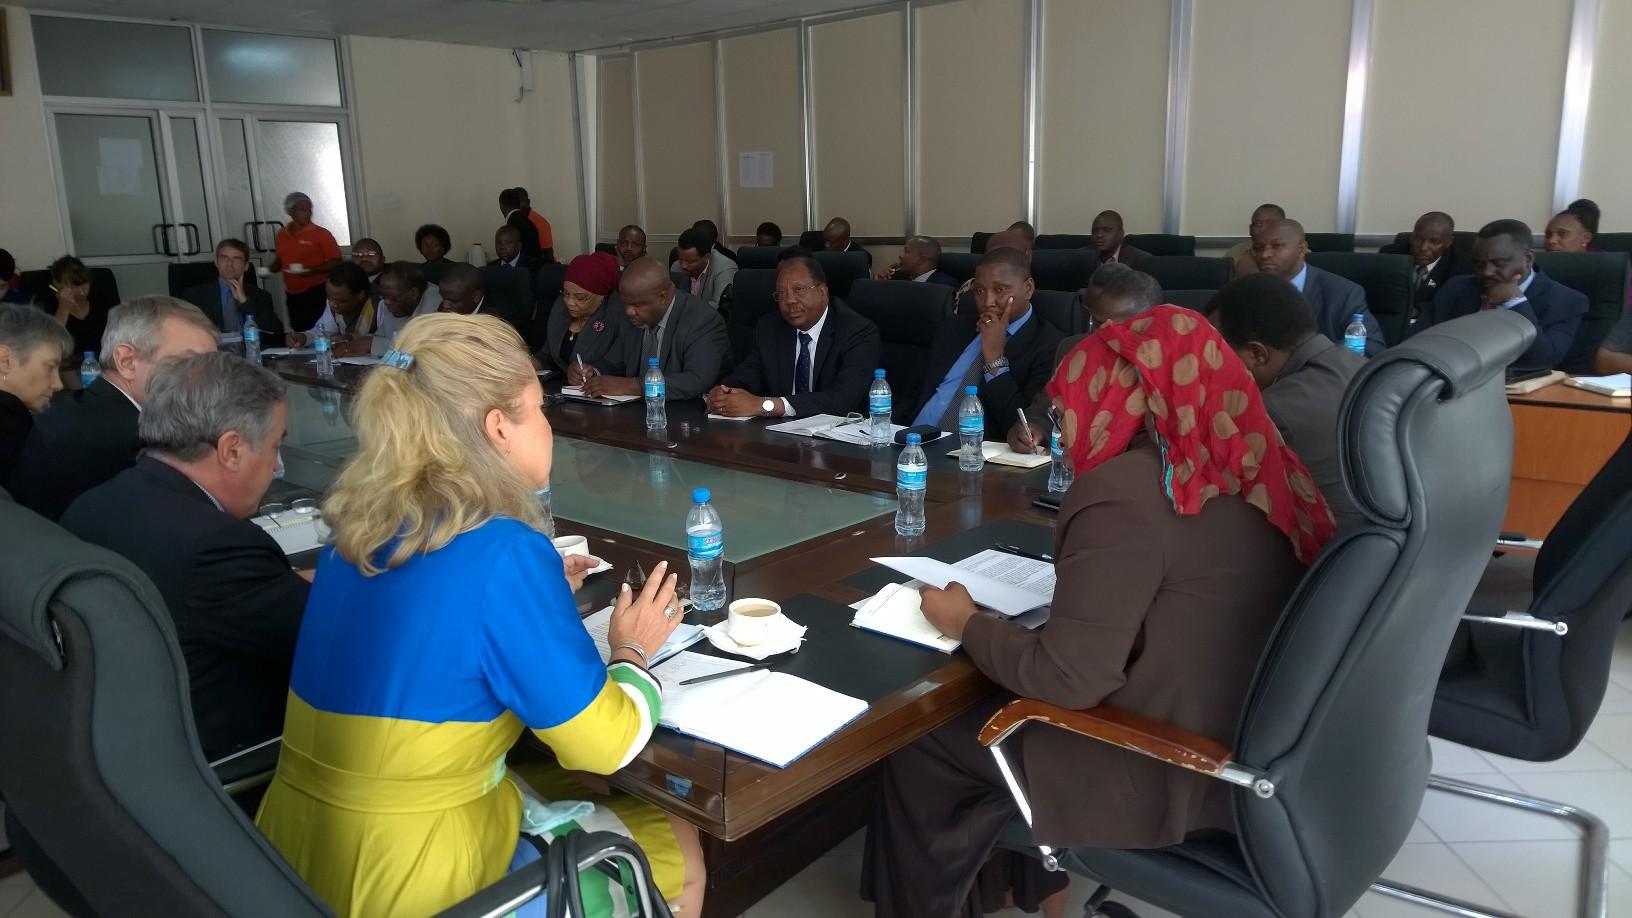 Budjettitukiavunantajien ja Tansanian hallituksen välinen korkean tason vuoropuhelu maaliskuussa 2015 Tansanian valtiovarainministerin johdolla